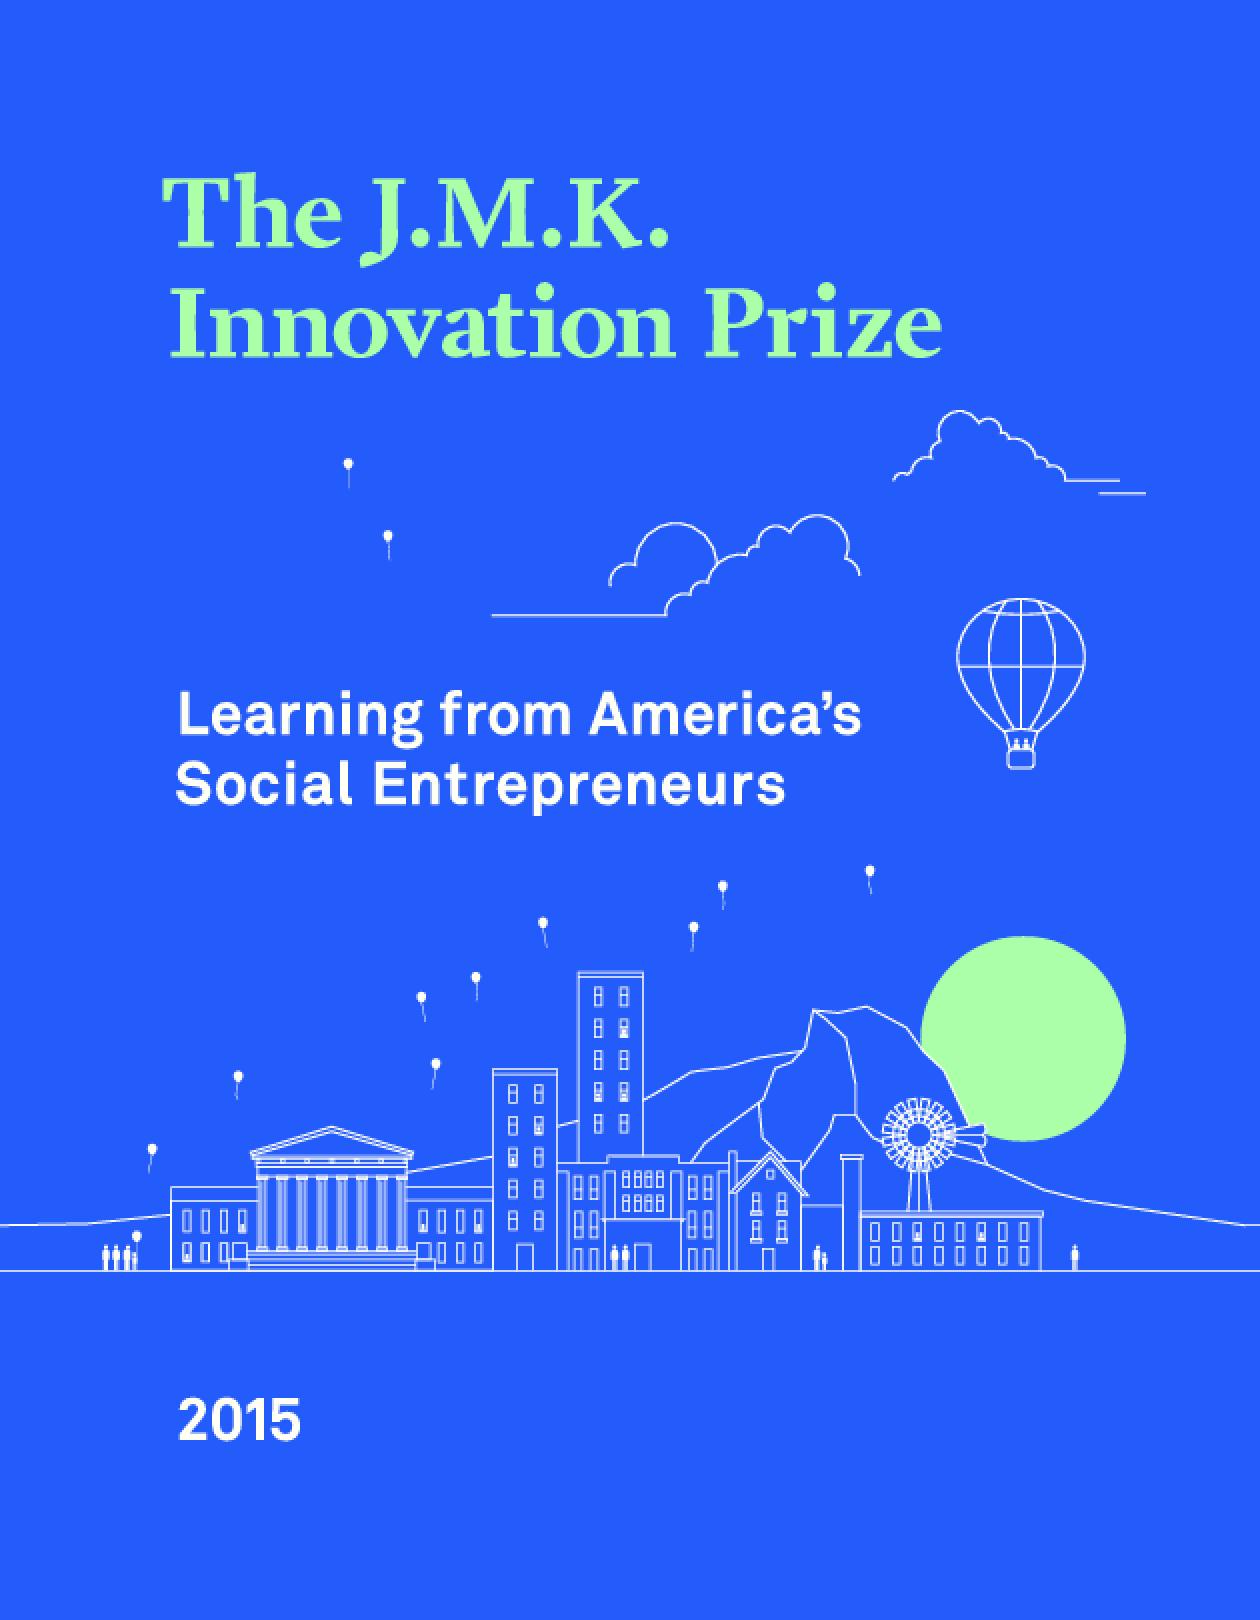 The J.M.K. Innovation Prize: Learning from America's Social Entrepreneurs